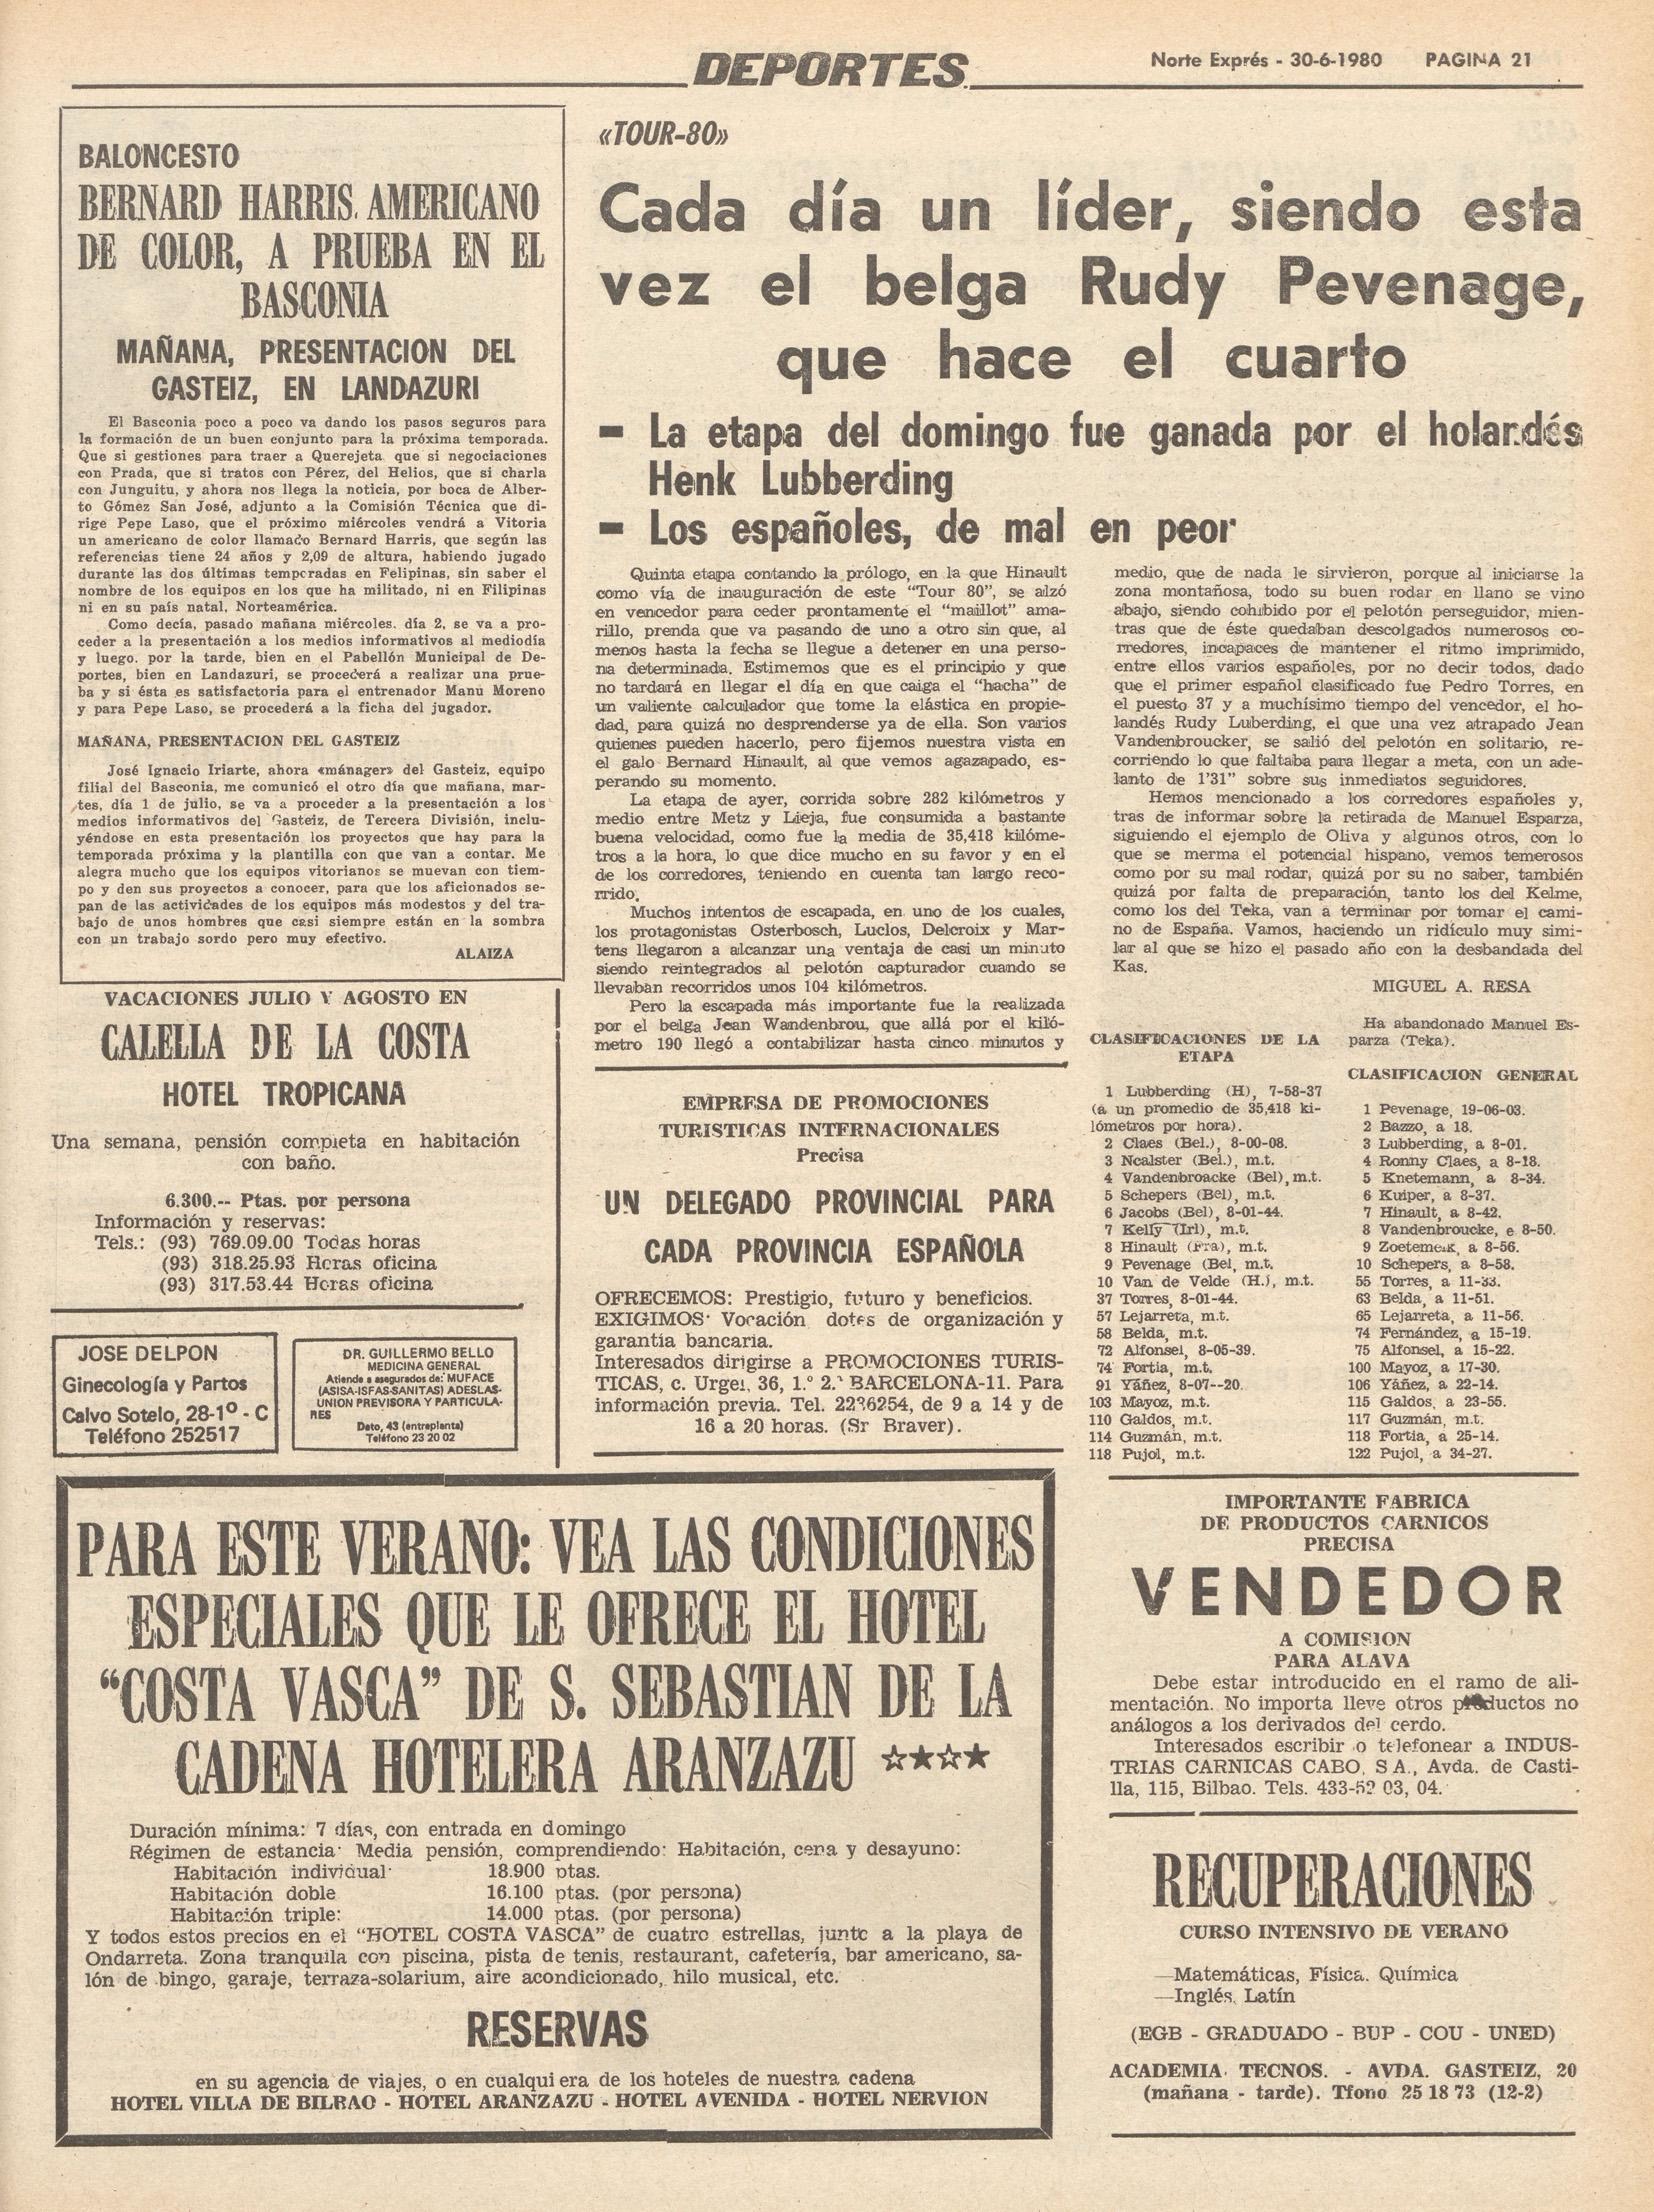 Especial 60 aniversario (Fotos, recuerdos, recortes...del Baskonia desde 1959) - Página 43 214684_1980_06_30_0021